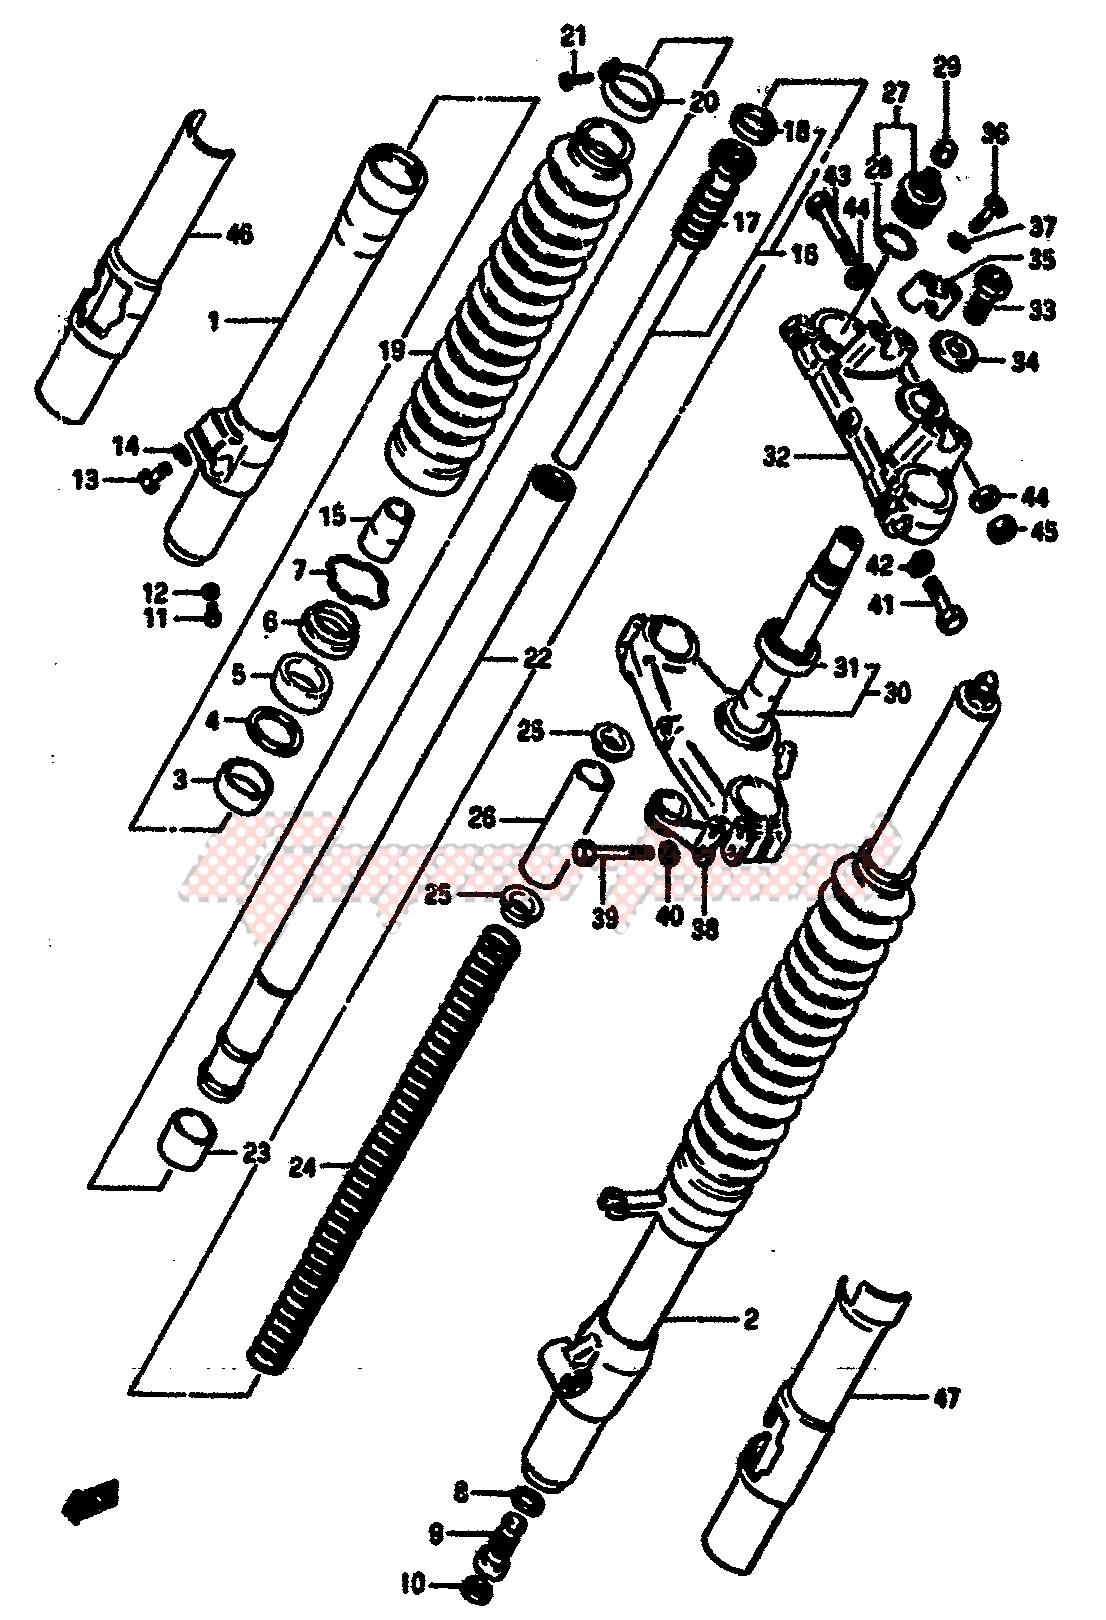 FRONT FORK (MODEL E) blueprint